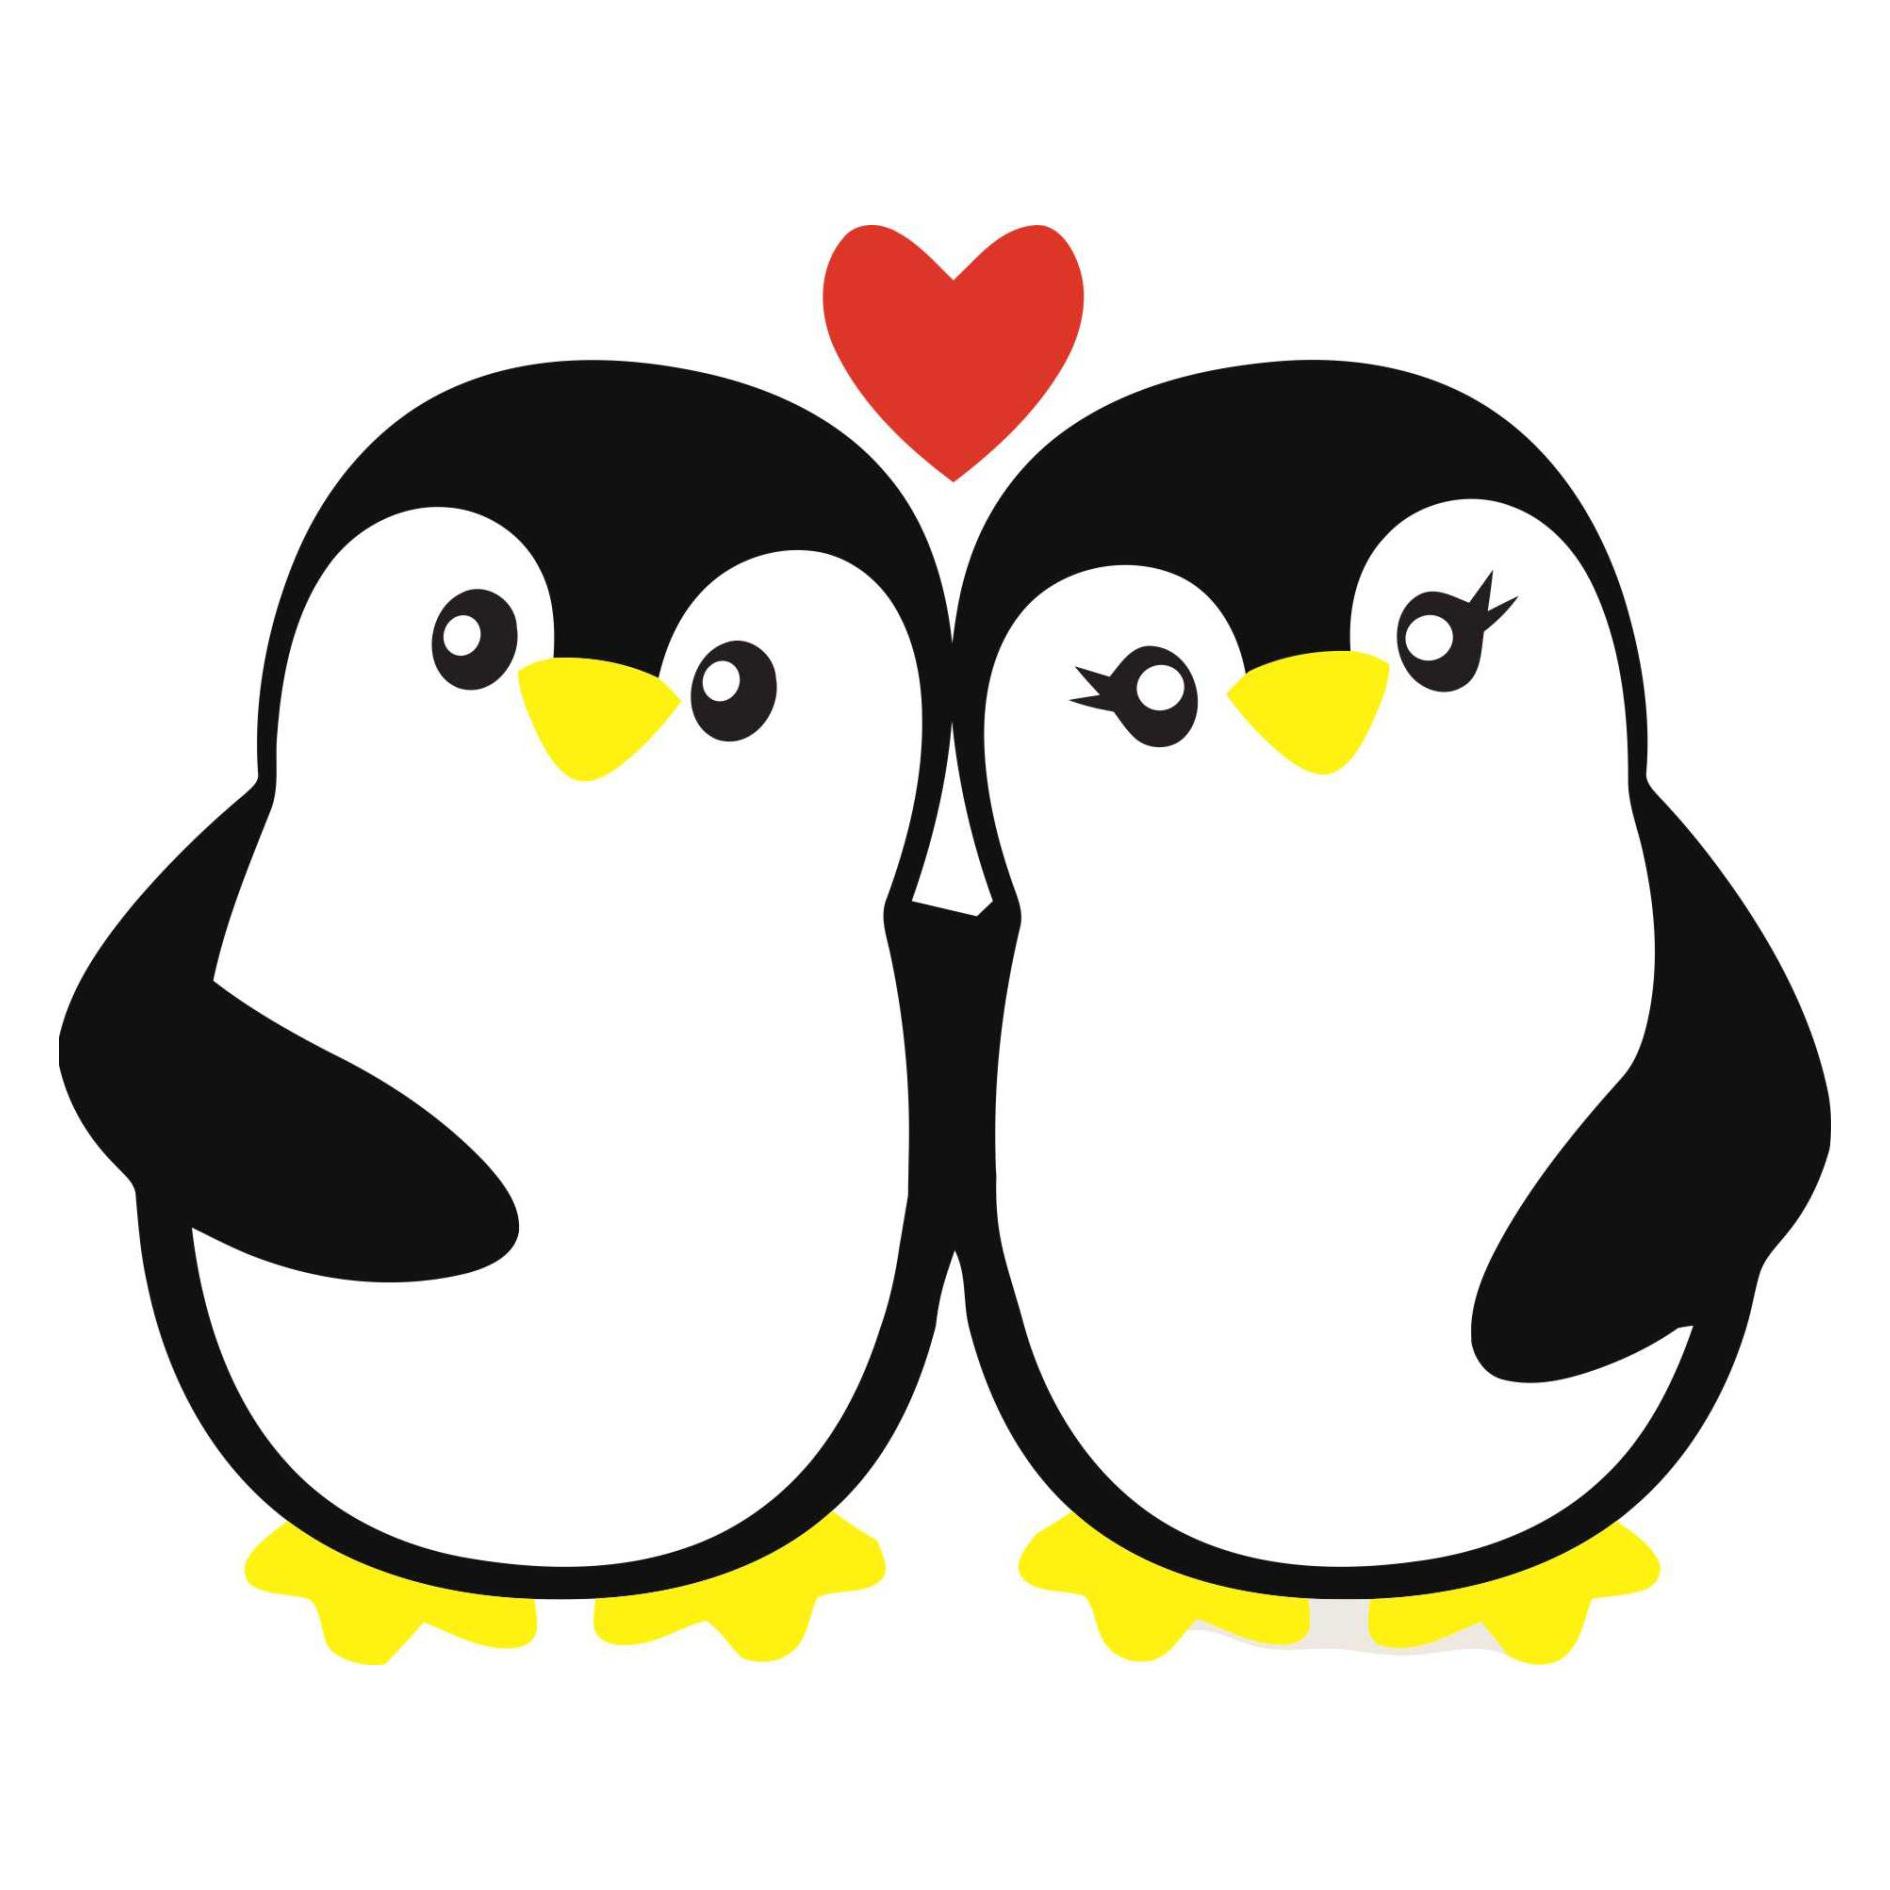 Adesivo De Geladeira Pinguim 019 No Elo7 Queen Industria De